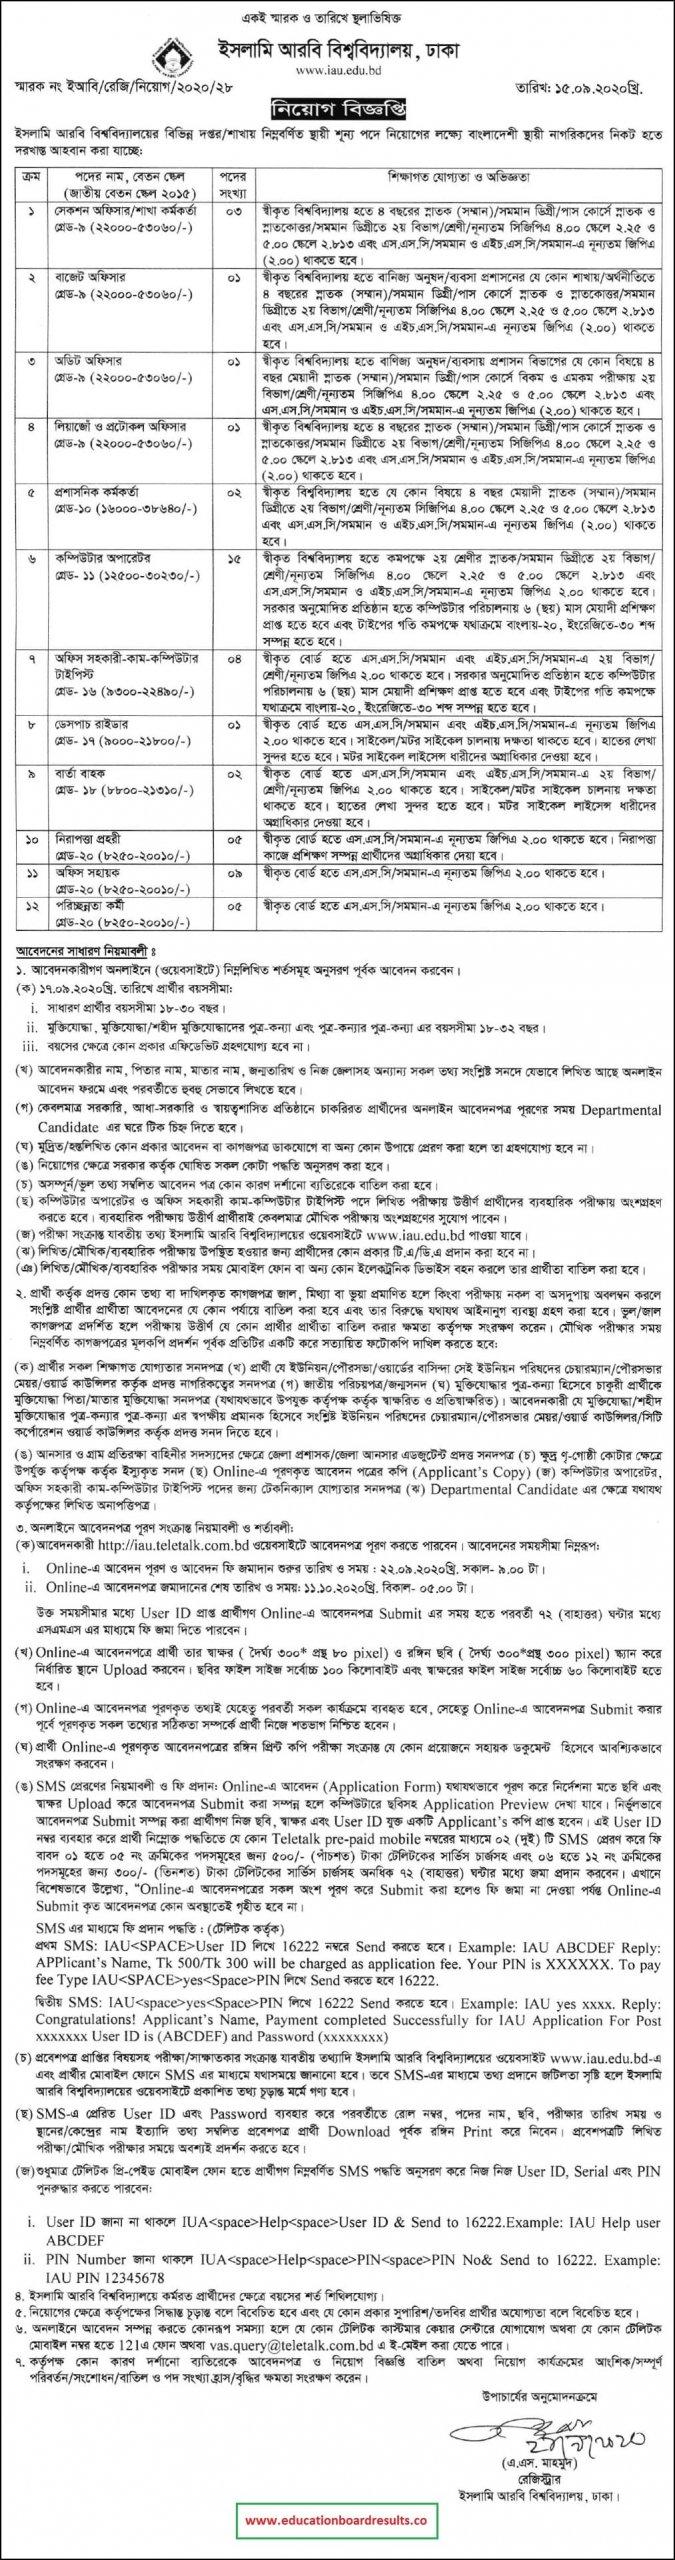 www.iau.edu.bd job circular 2020